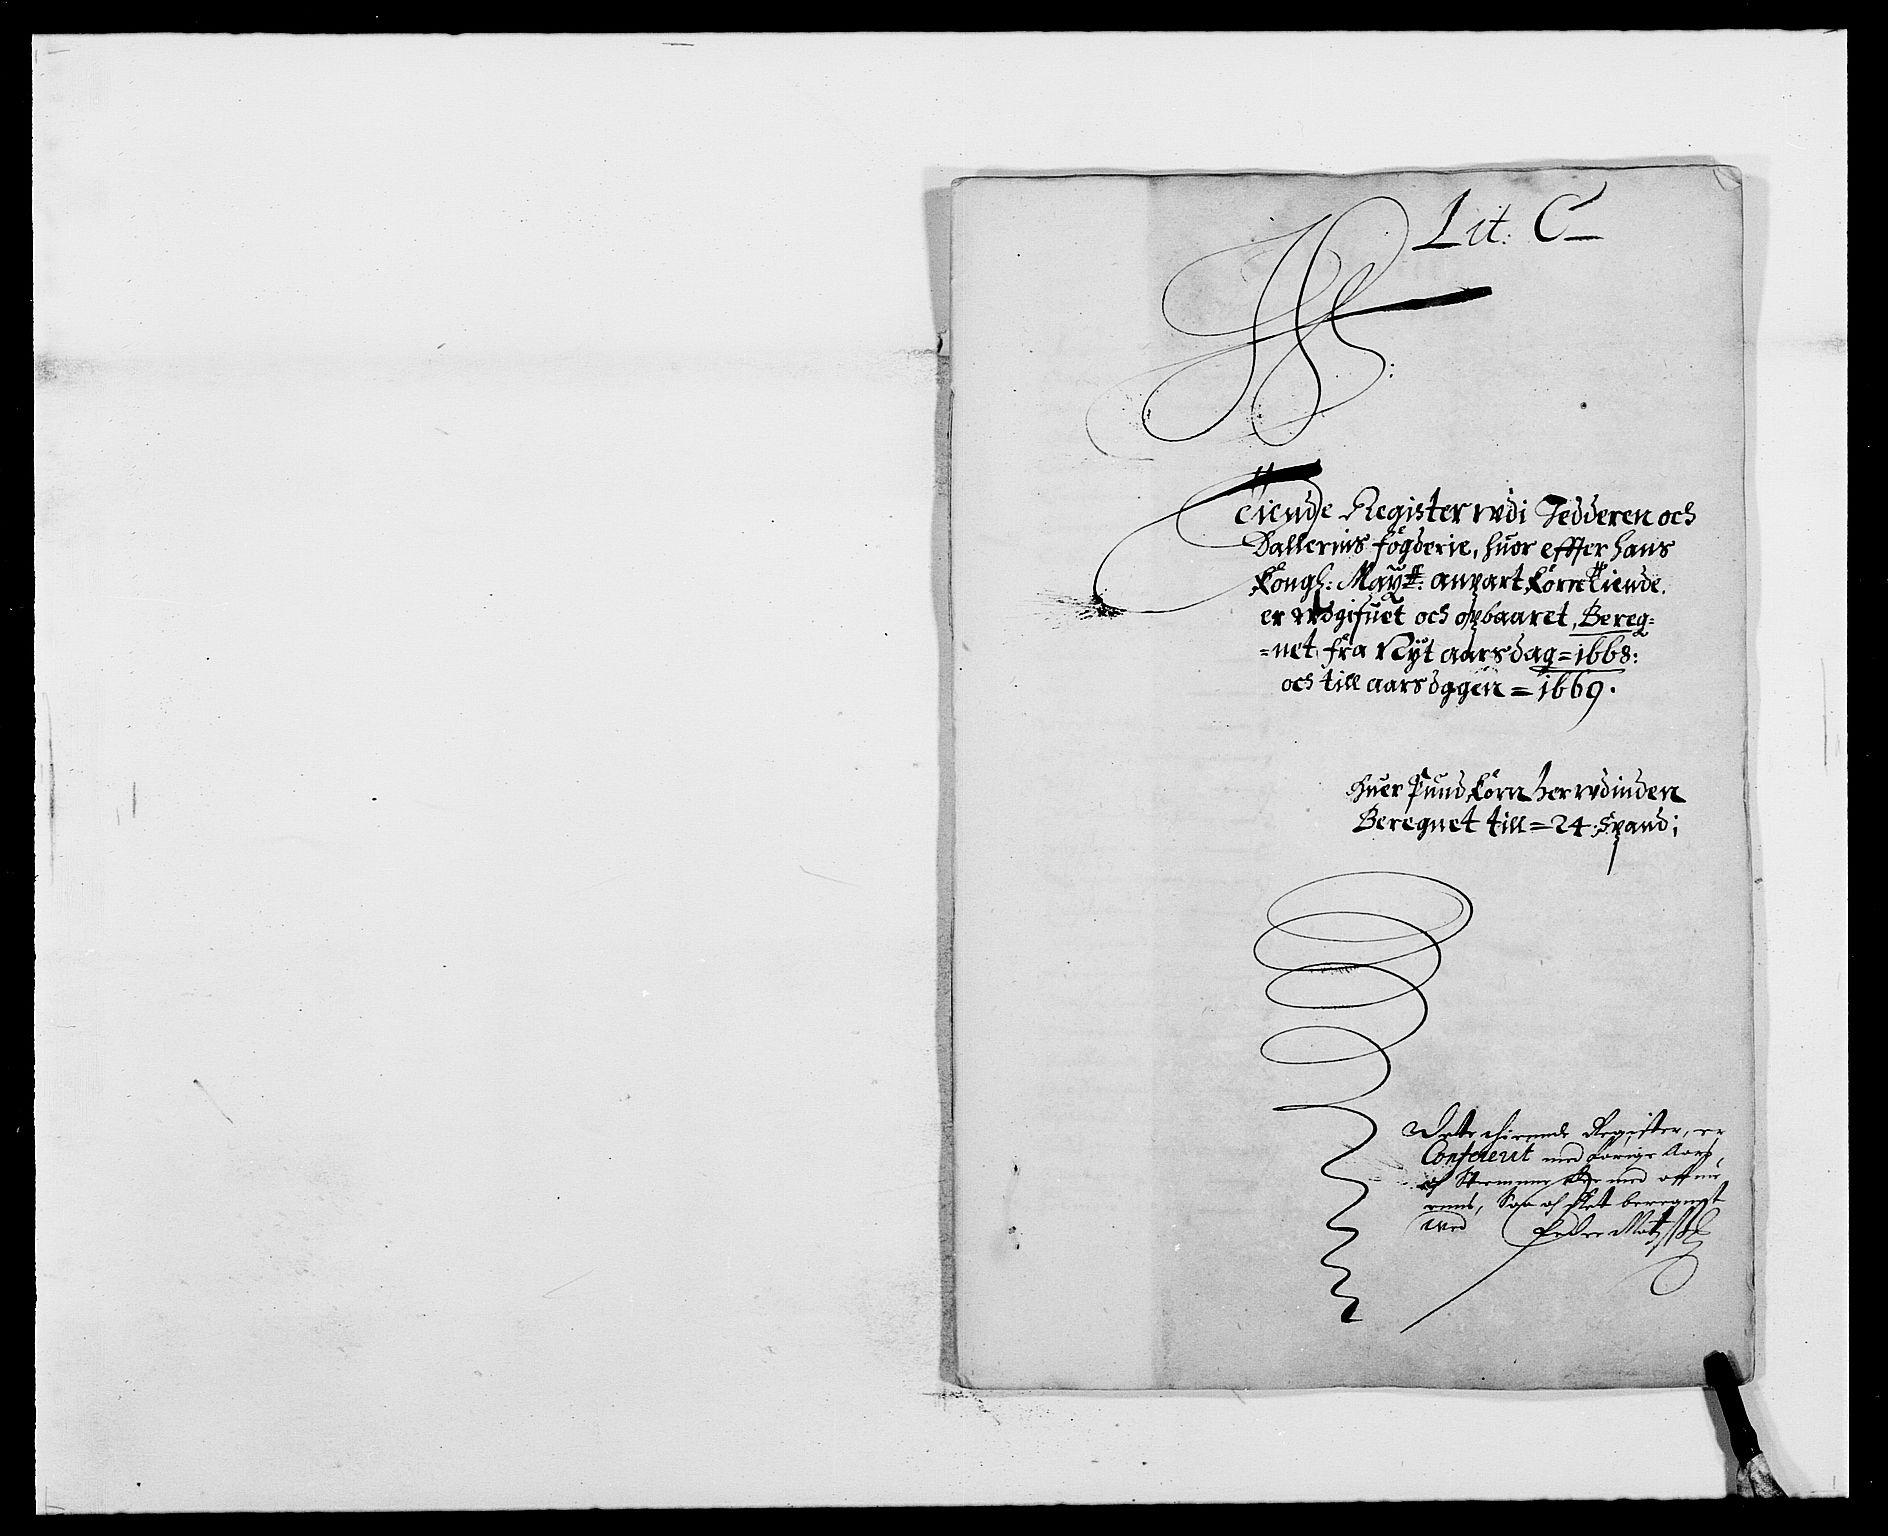 RA, Rentekammeret inntil 1814, Reviderte regnskaper, Fogderegnskap, R46/L2711: Fogderegnskap Jæren og Dalane, 1668-1670, s. 38